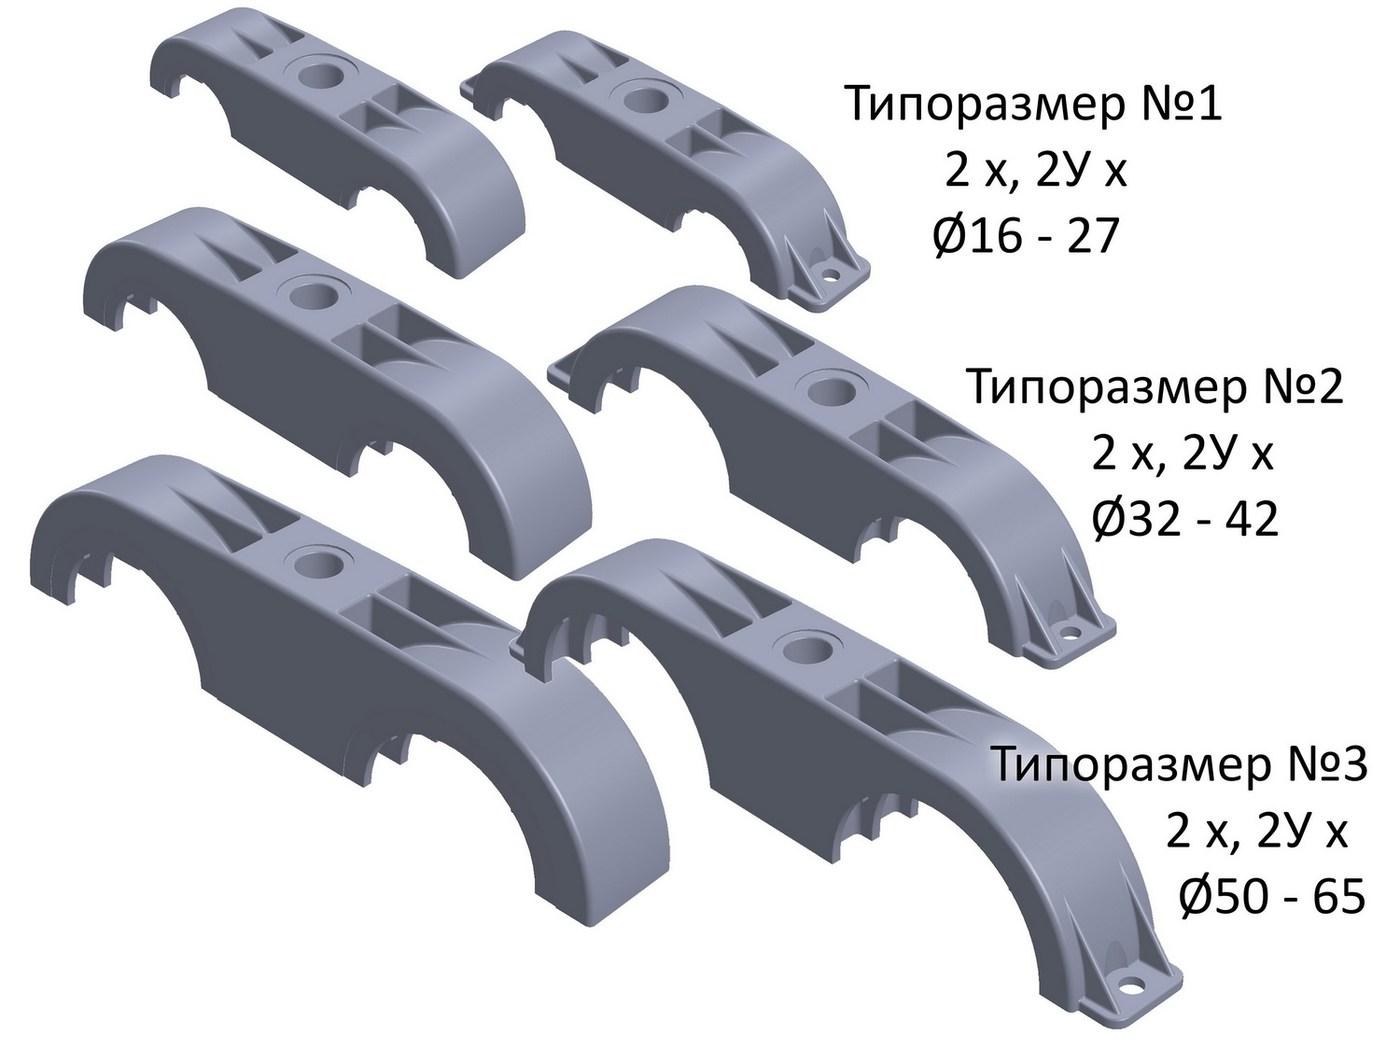 Двухтрубные крепления (без уха / с ухом)